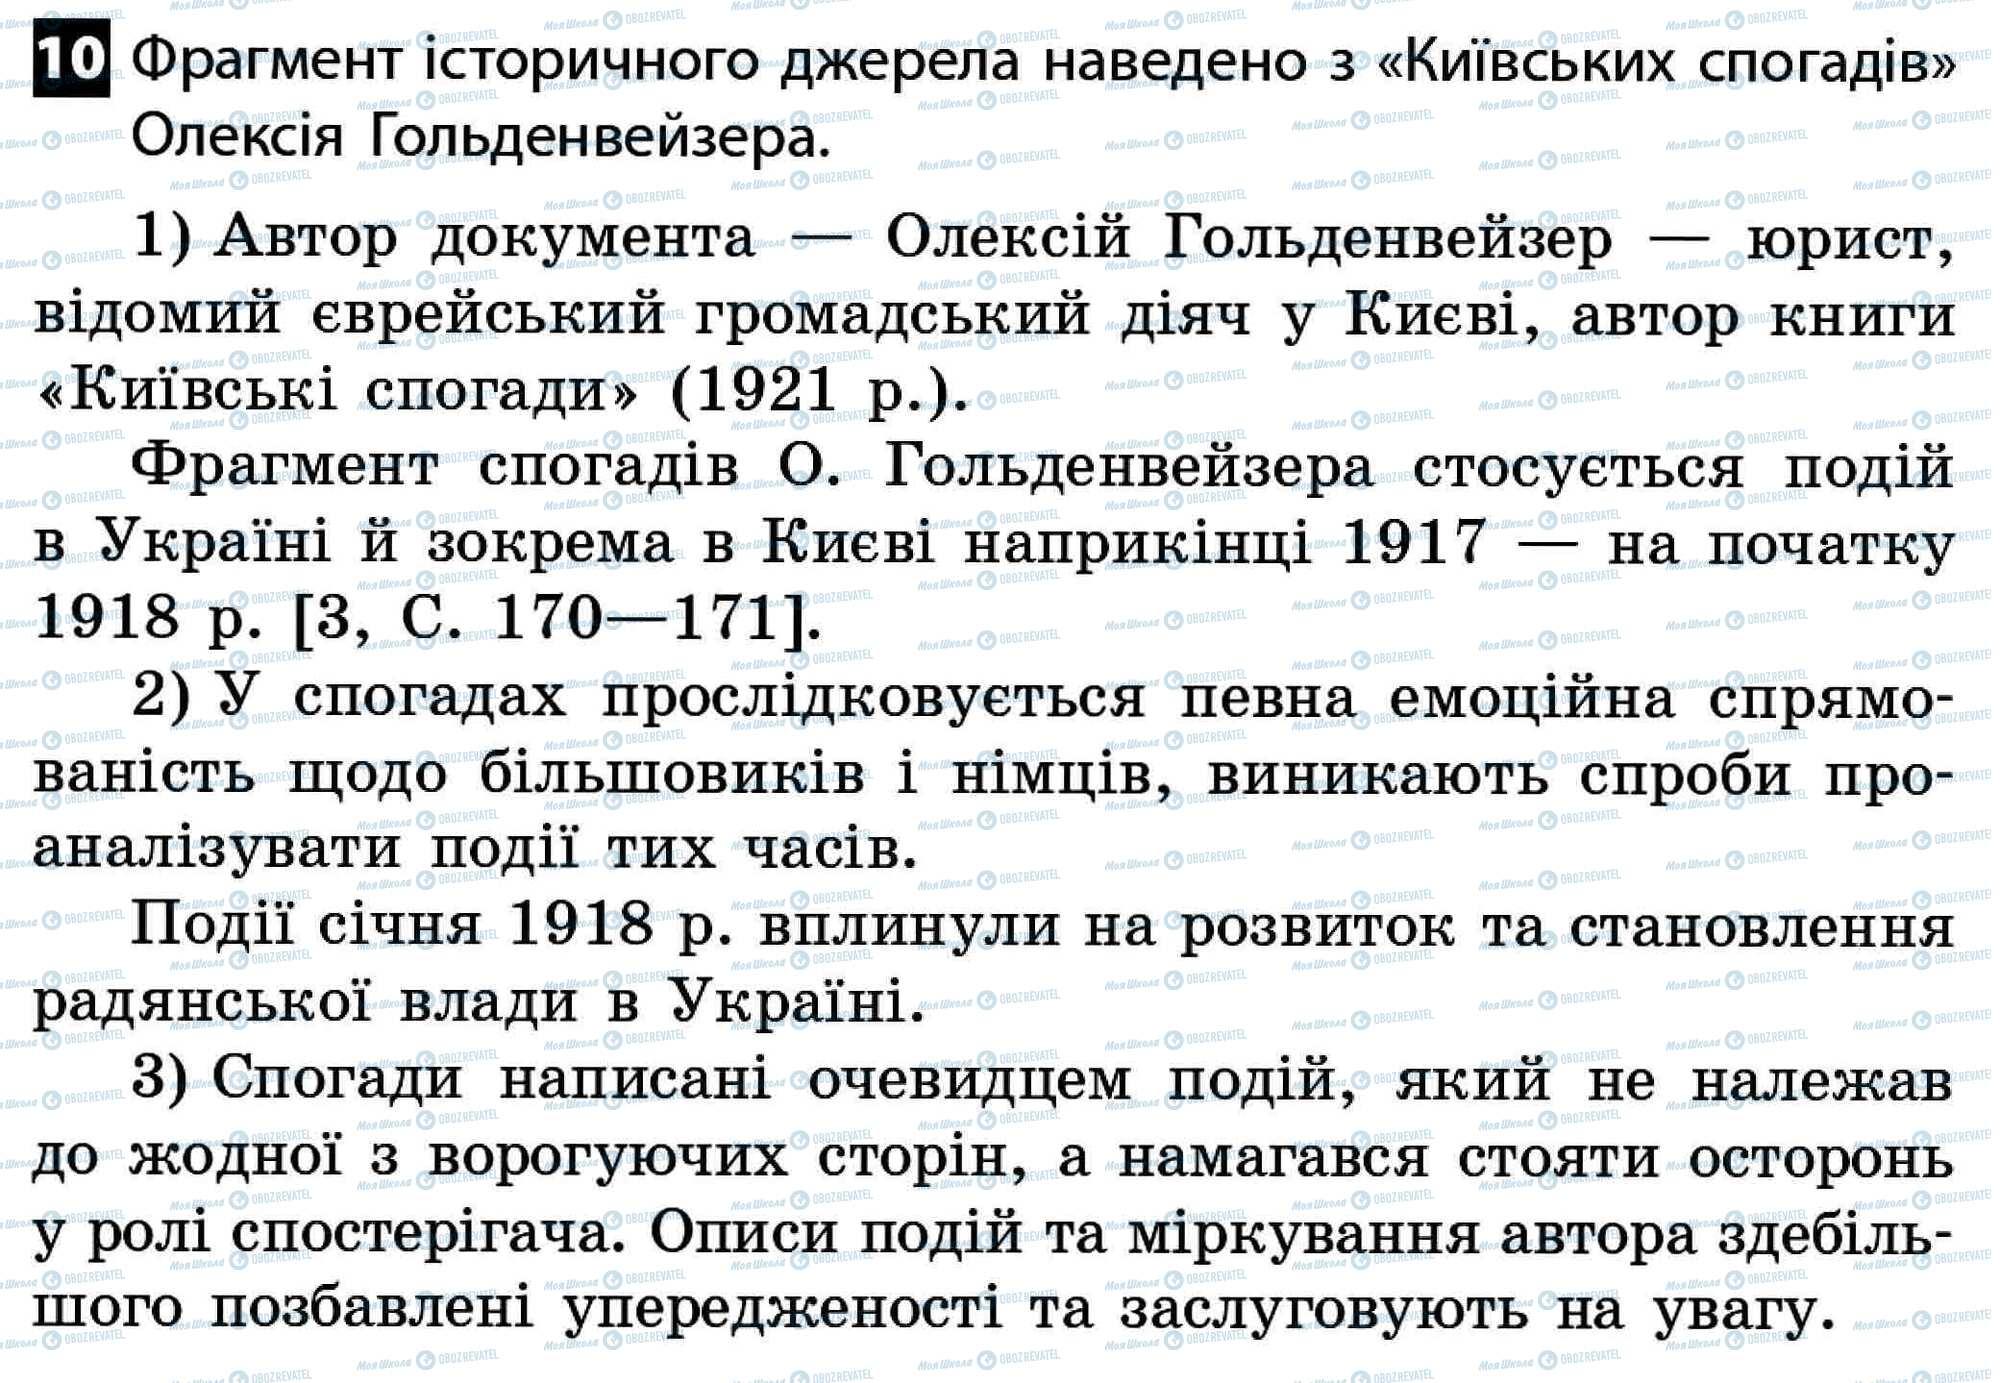 ДПА Історія України 11 клас сторінка 10